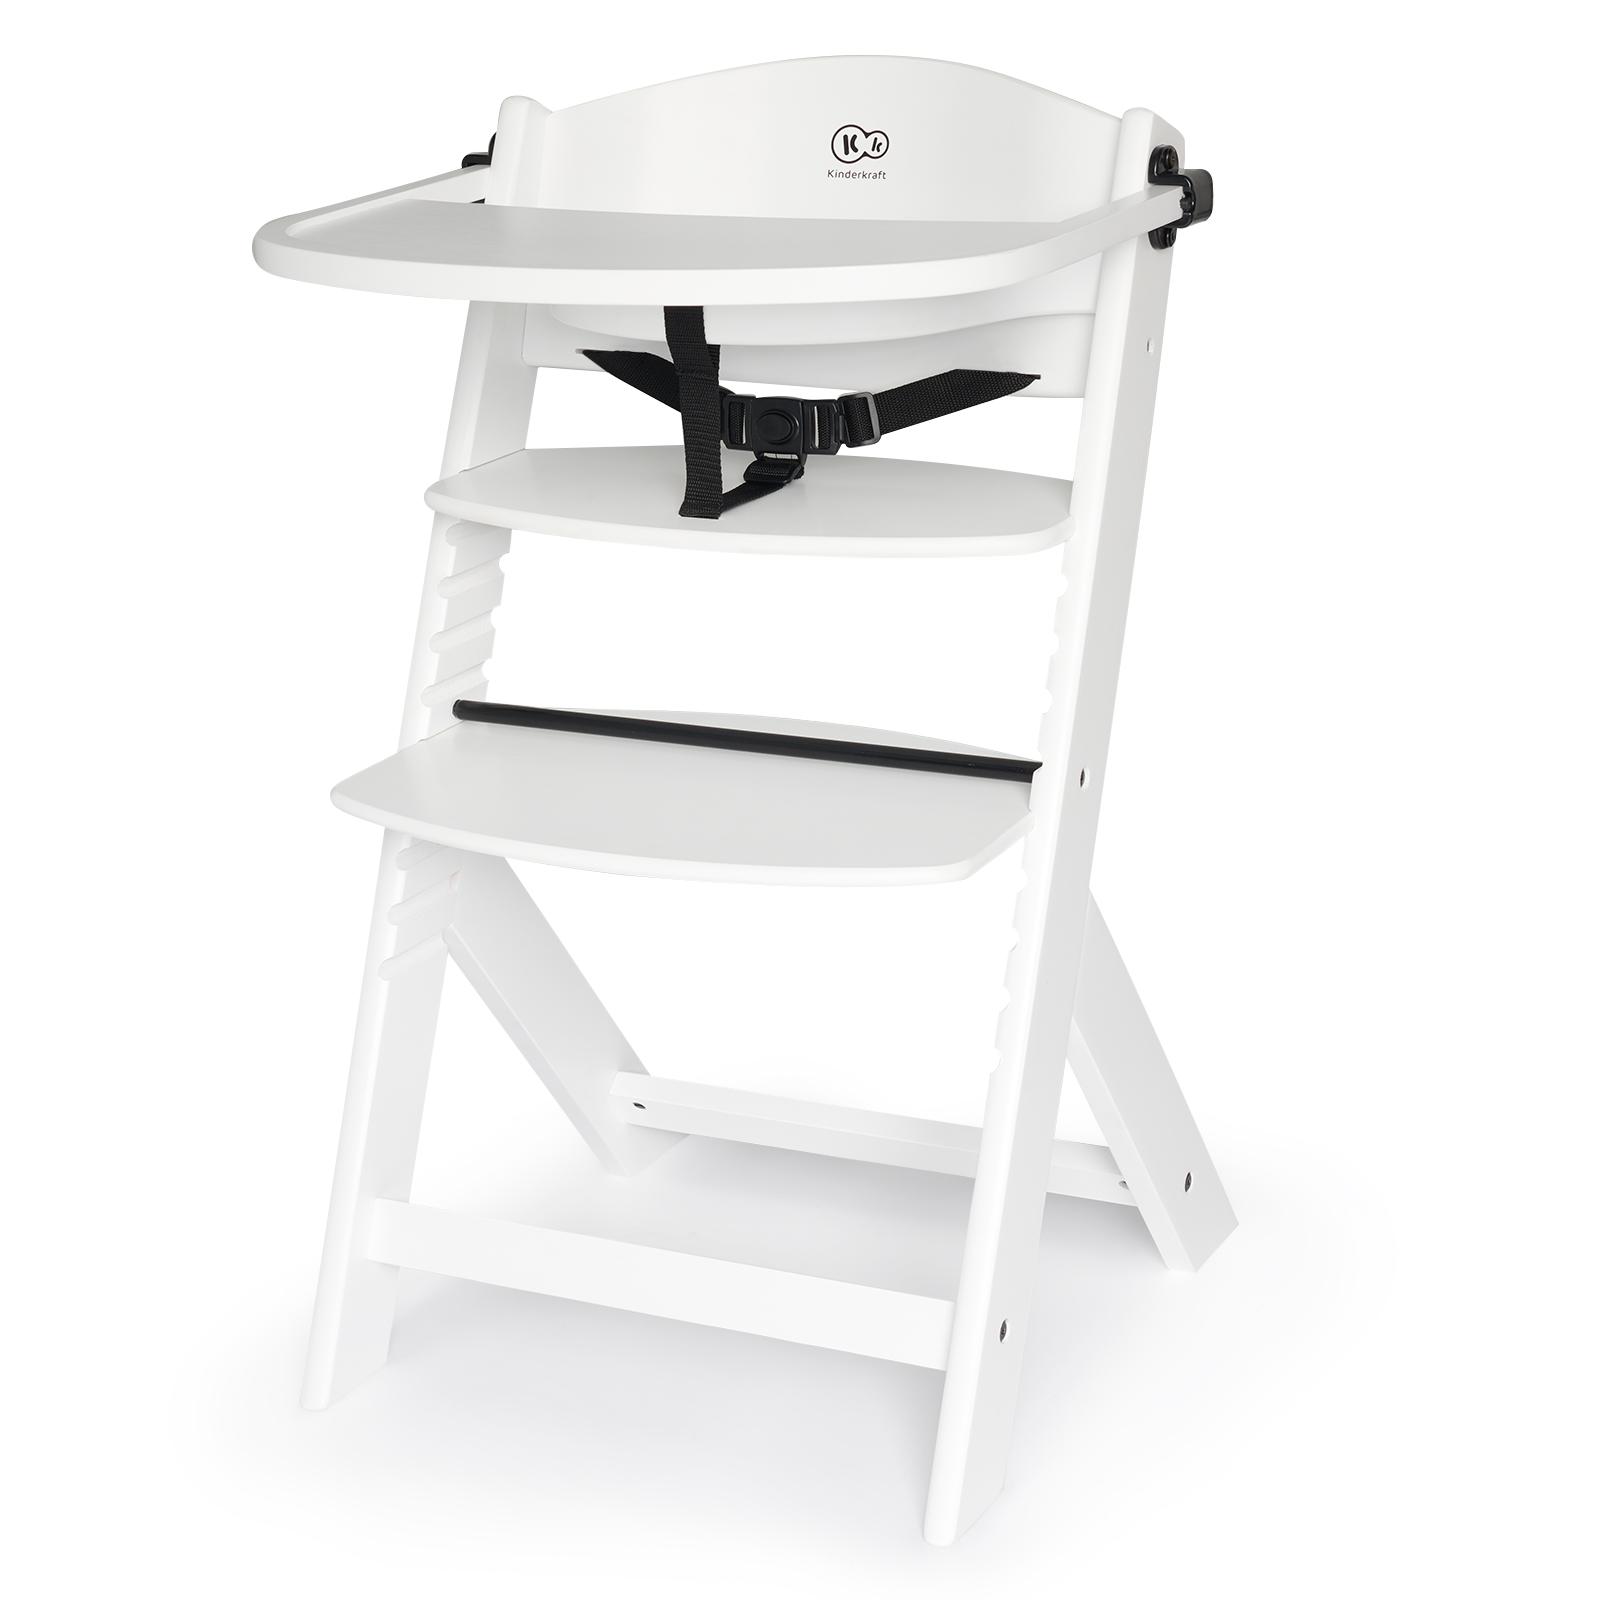 Kinderkraft Chaise haute 7 en 7 ENOCK - évolutive et ergonomique